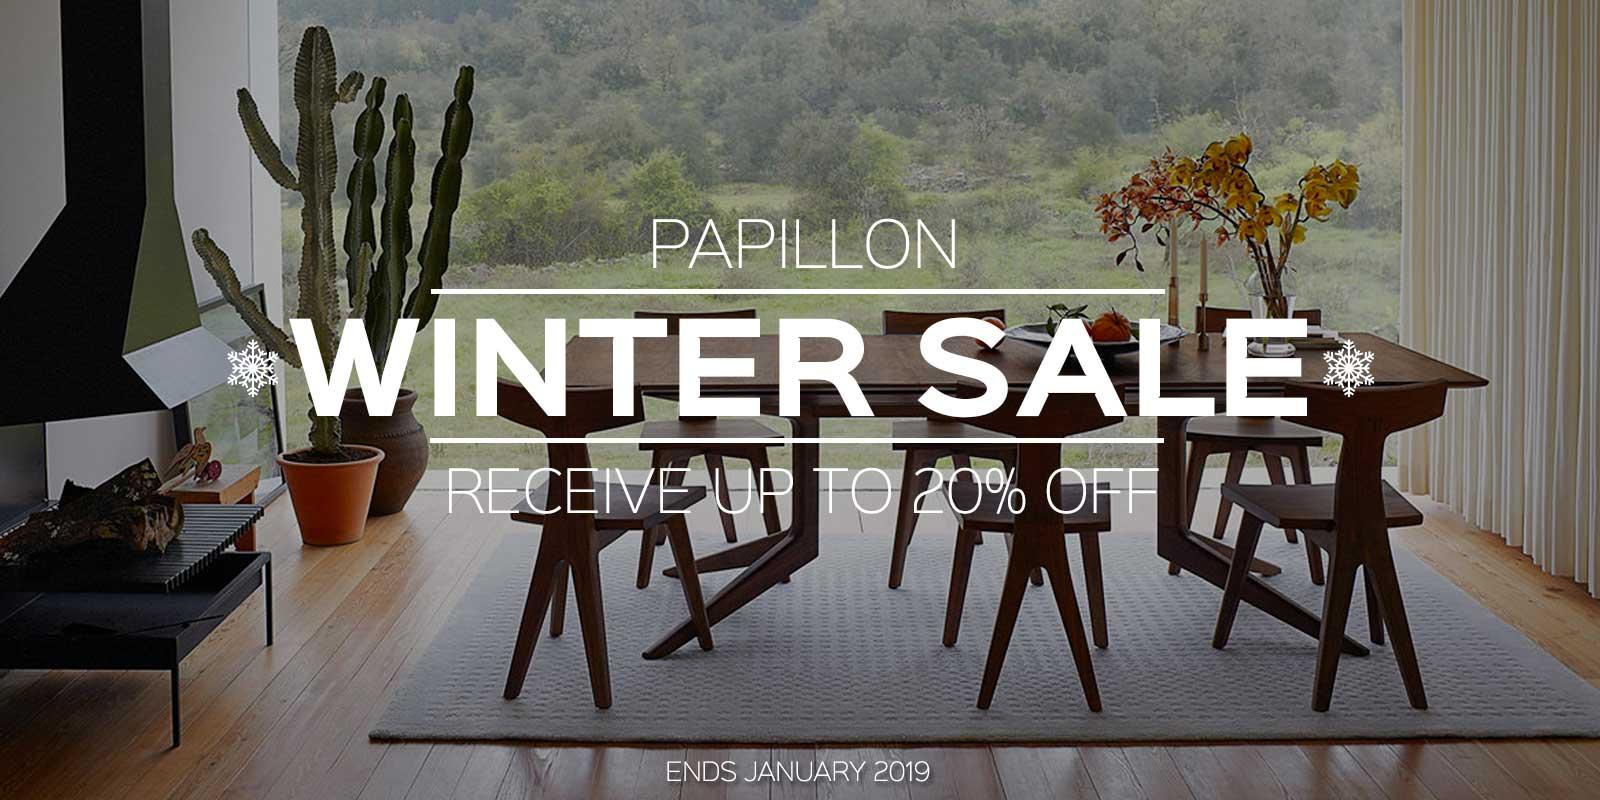 Papillon Interiors Winter Sale 2018 - Matthew Hilton